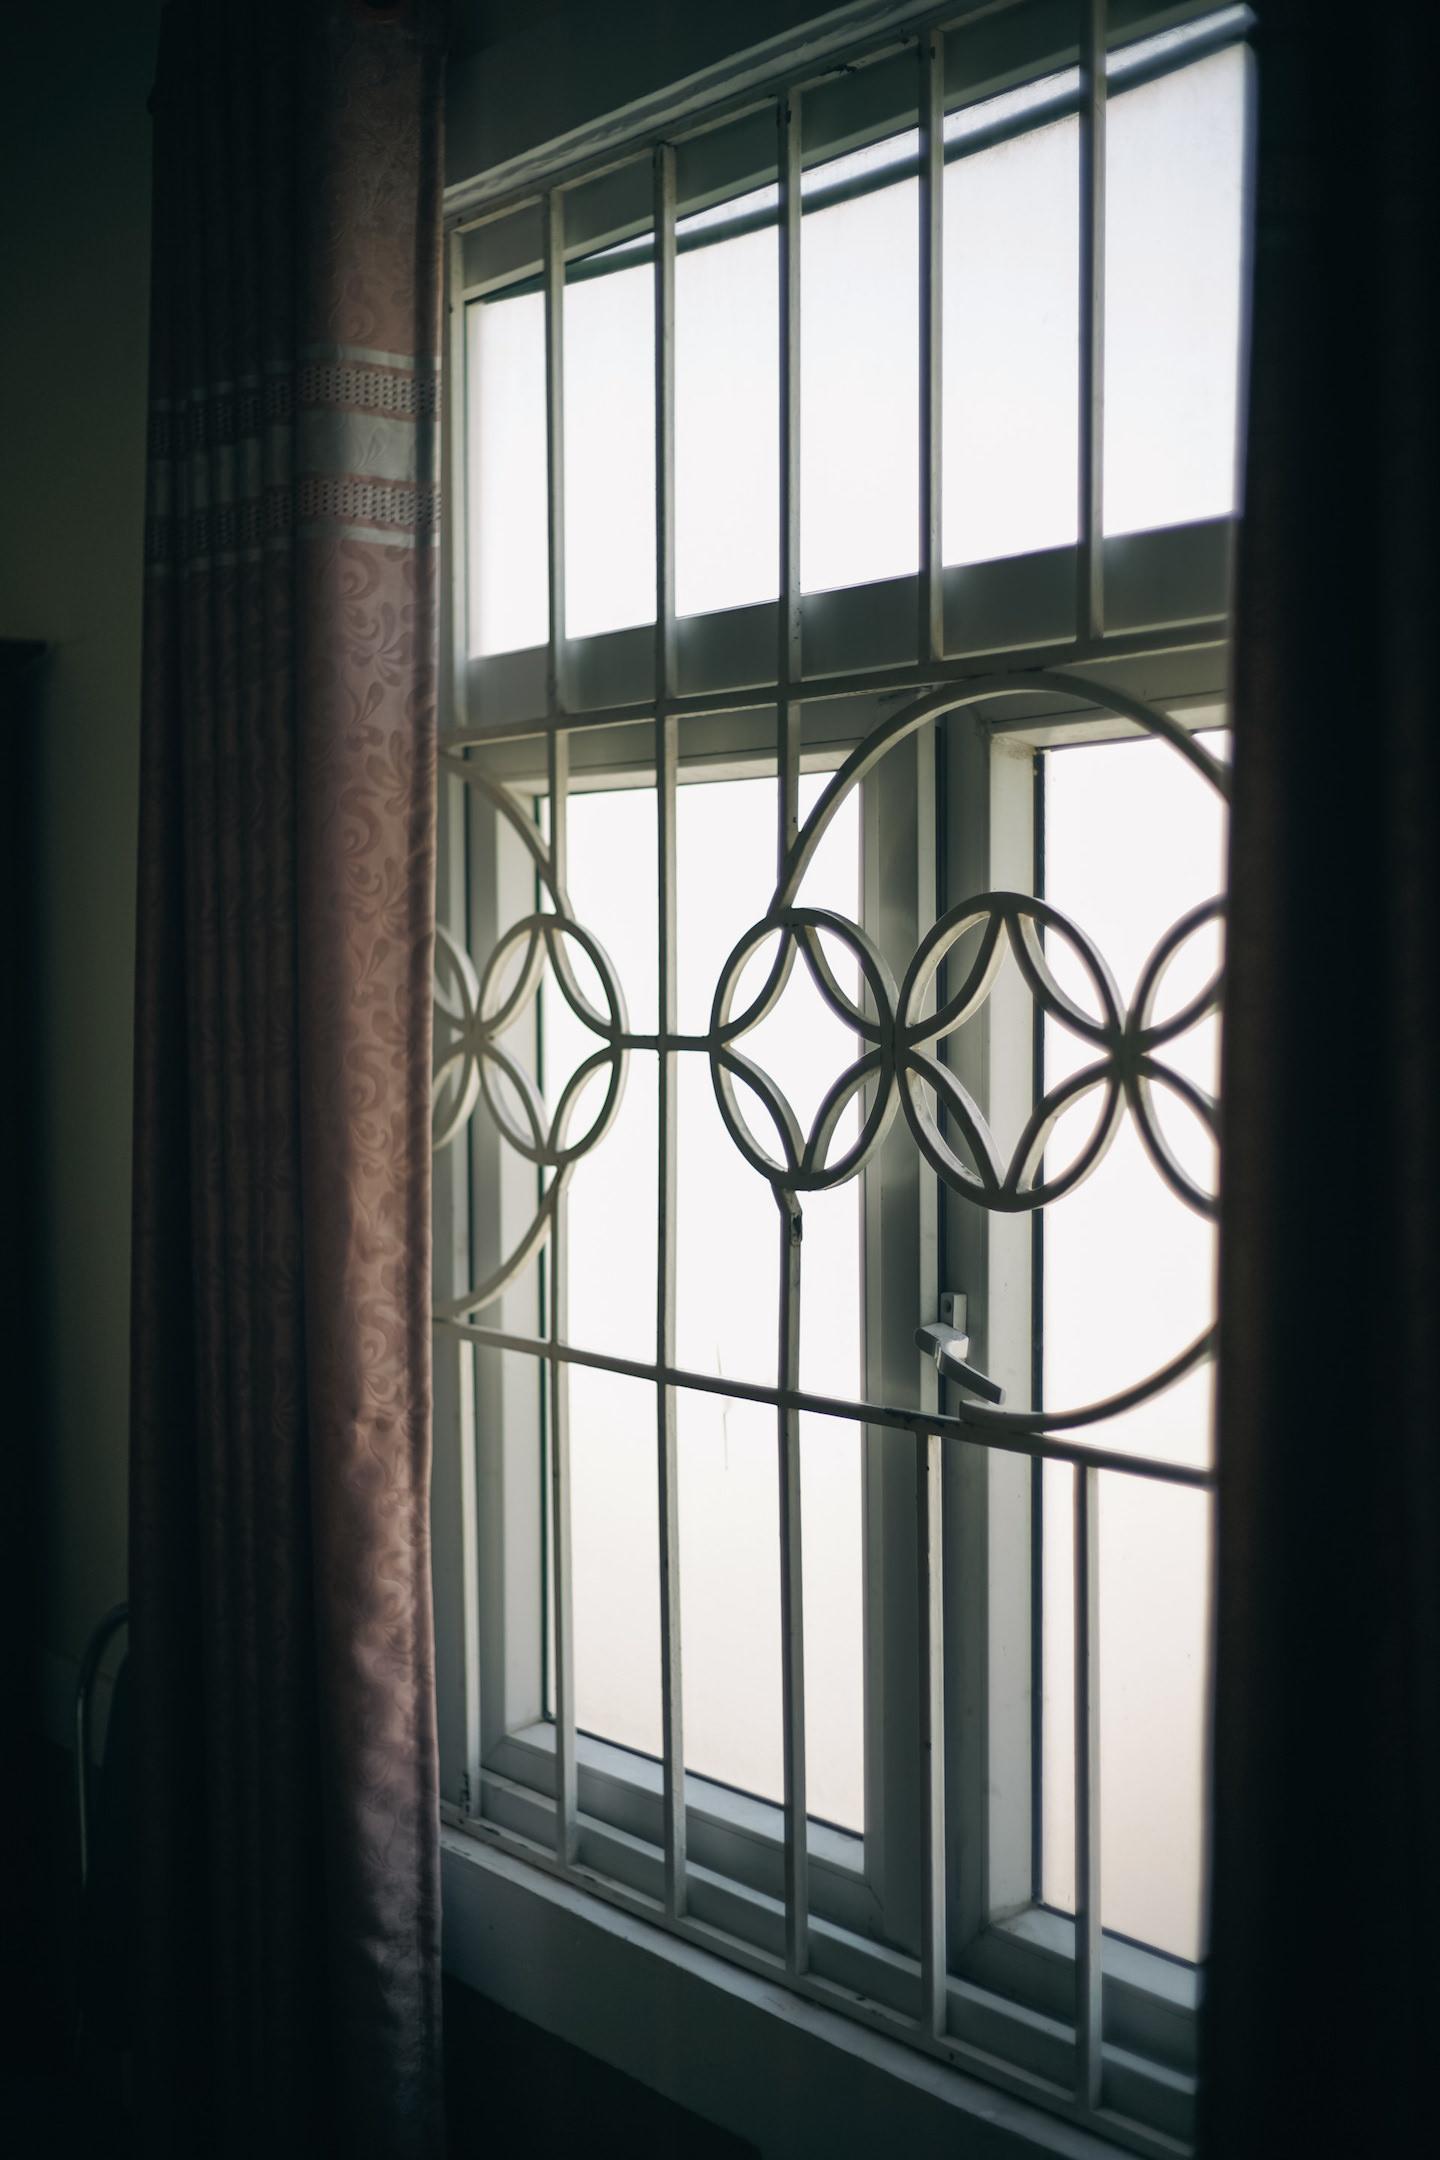 なんだか好きだった借りていた部屋の窓枠